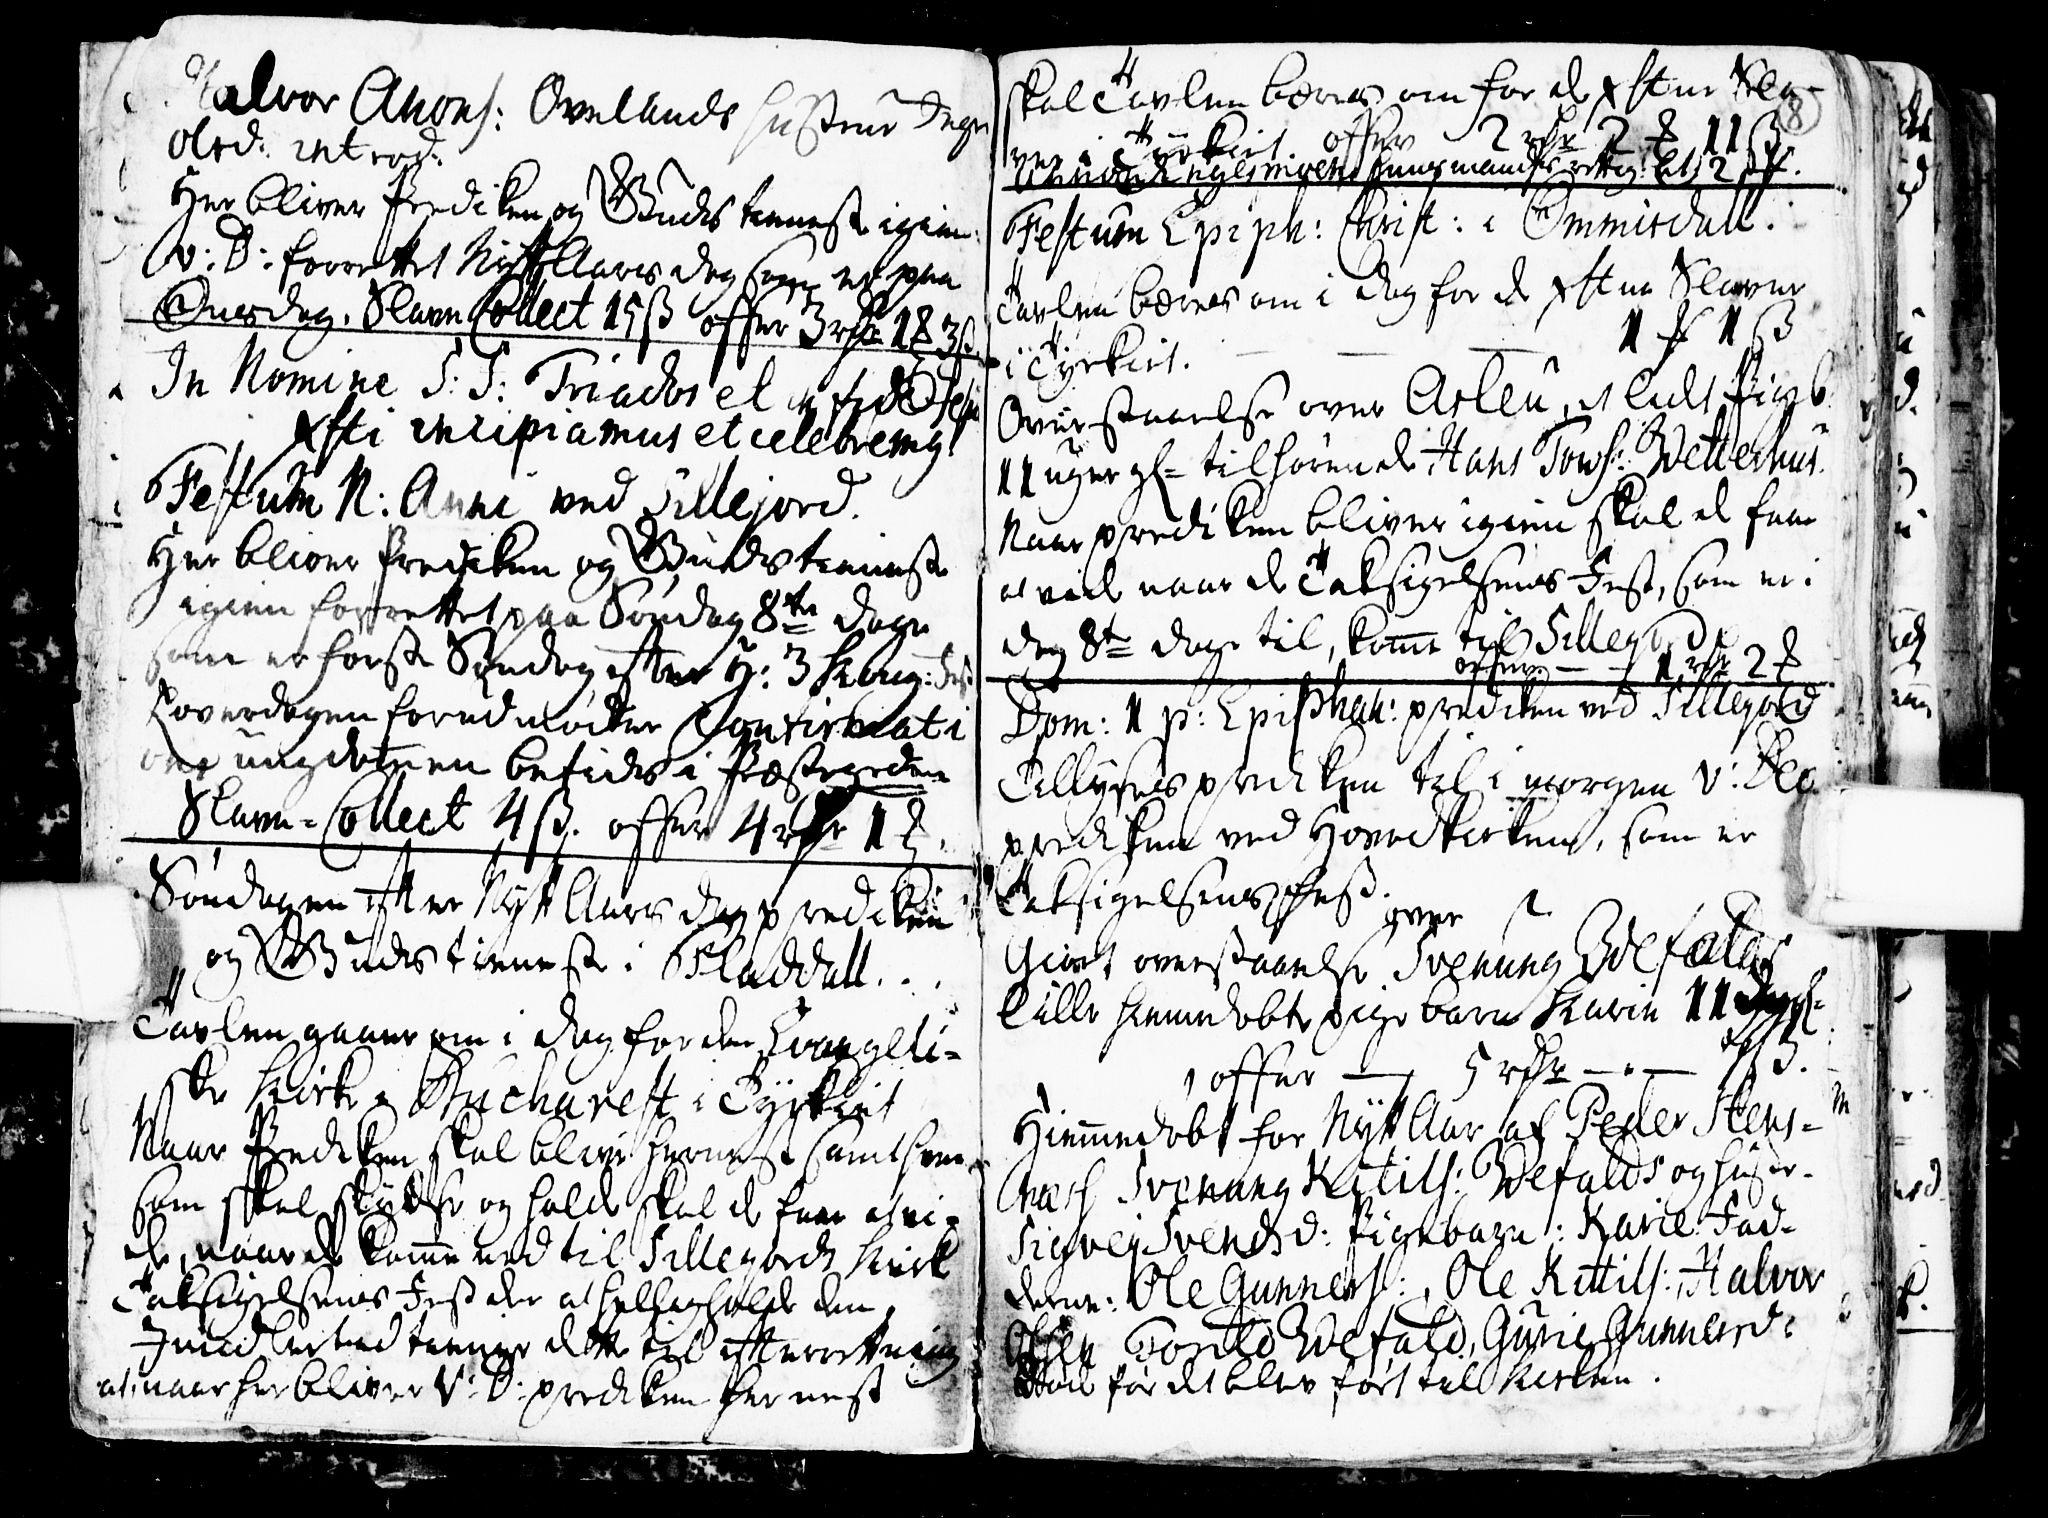 SAKO, Seljord kirkebøker, G/Gb/L0001: Klokkerbok nr. II 1, 1754-1790, s. 7-8